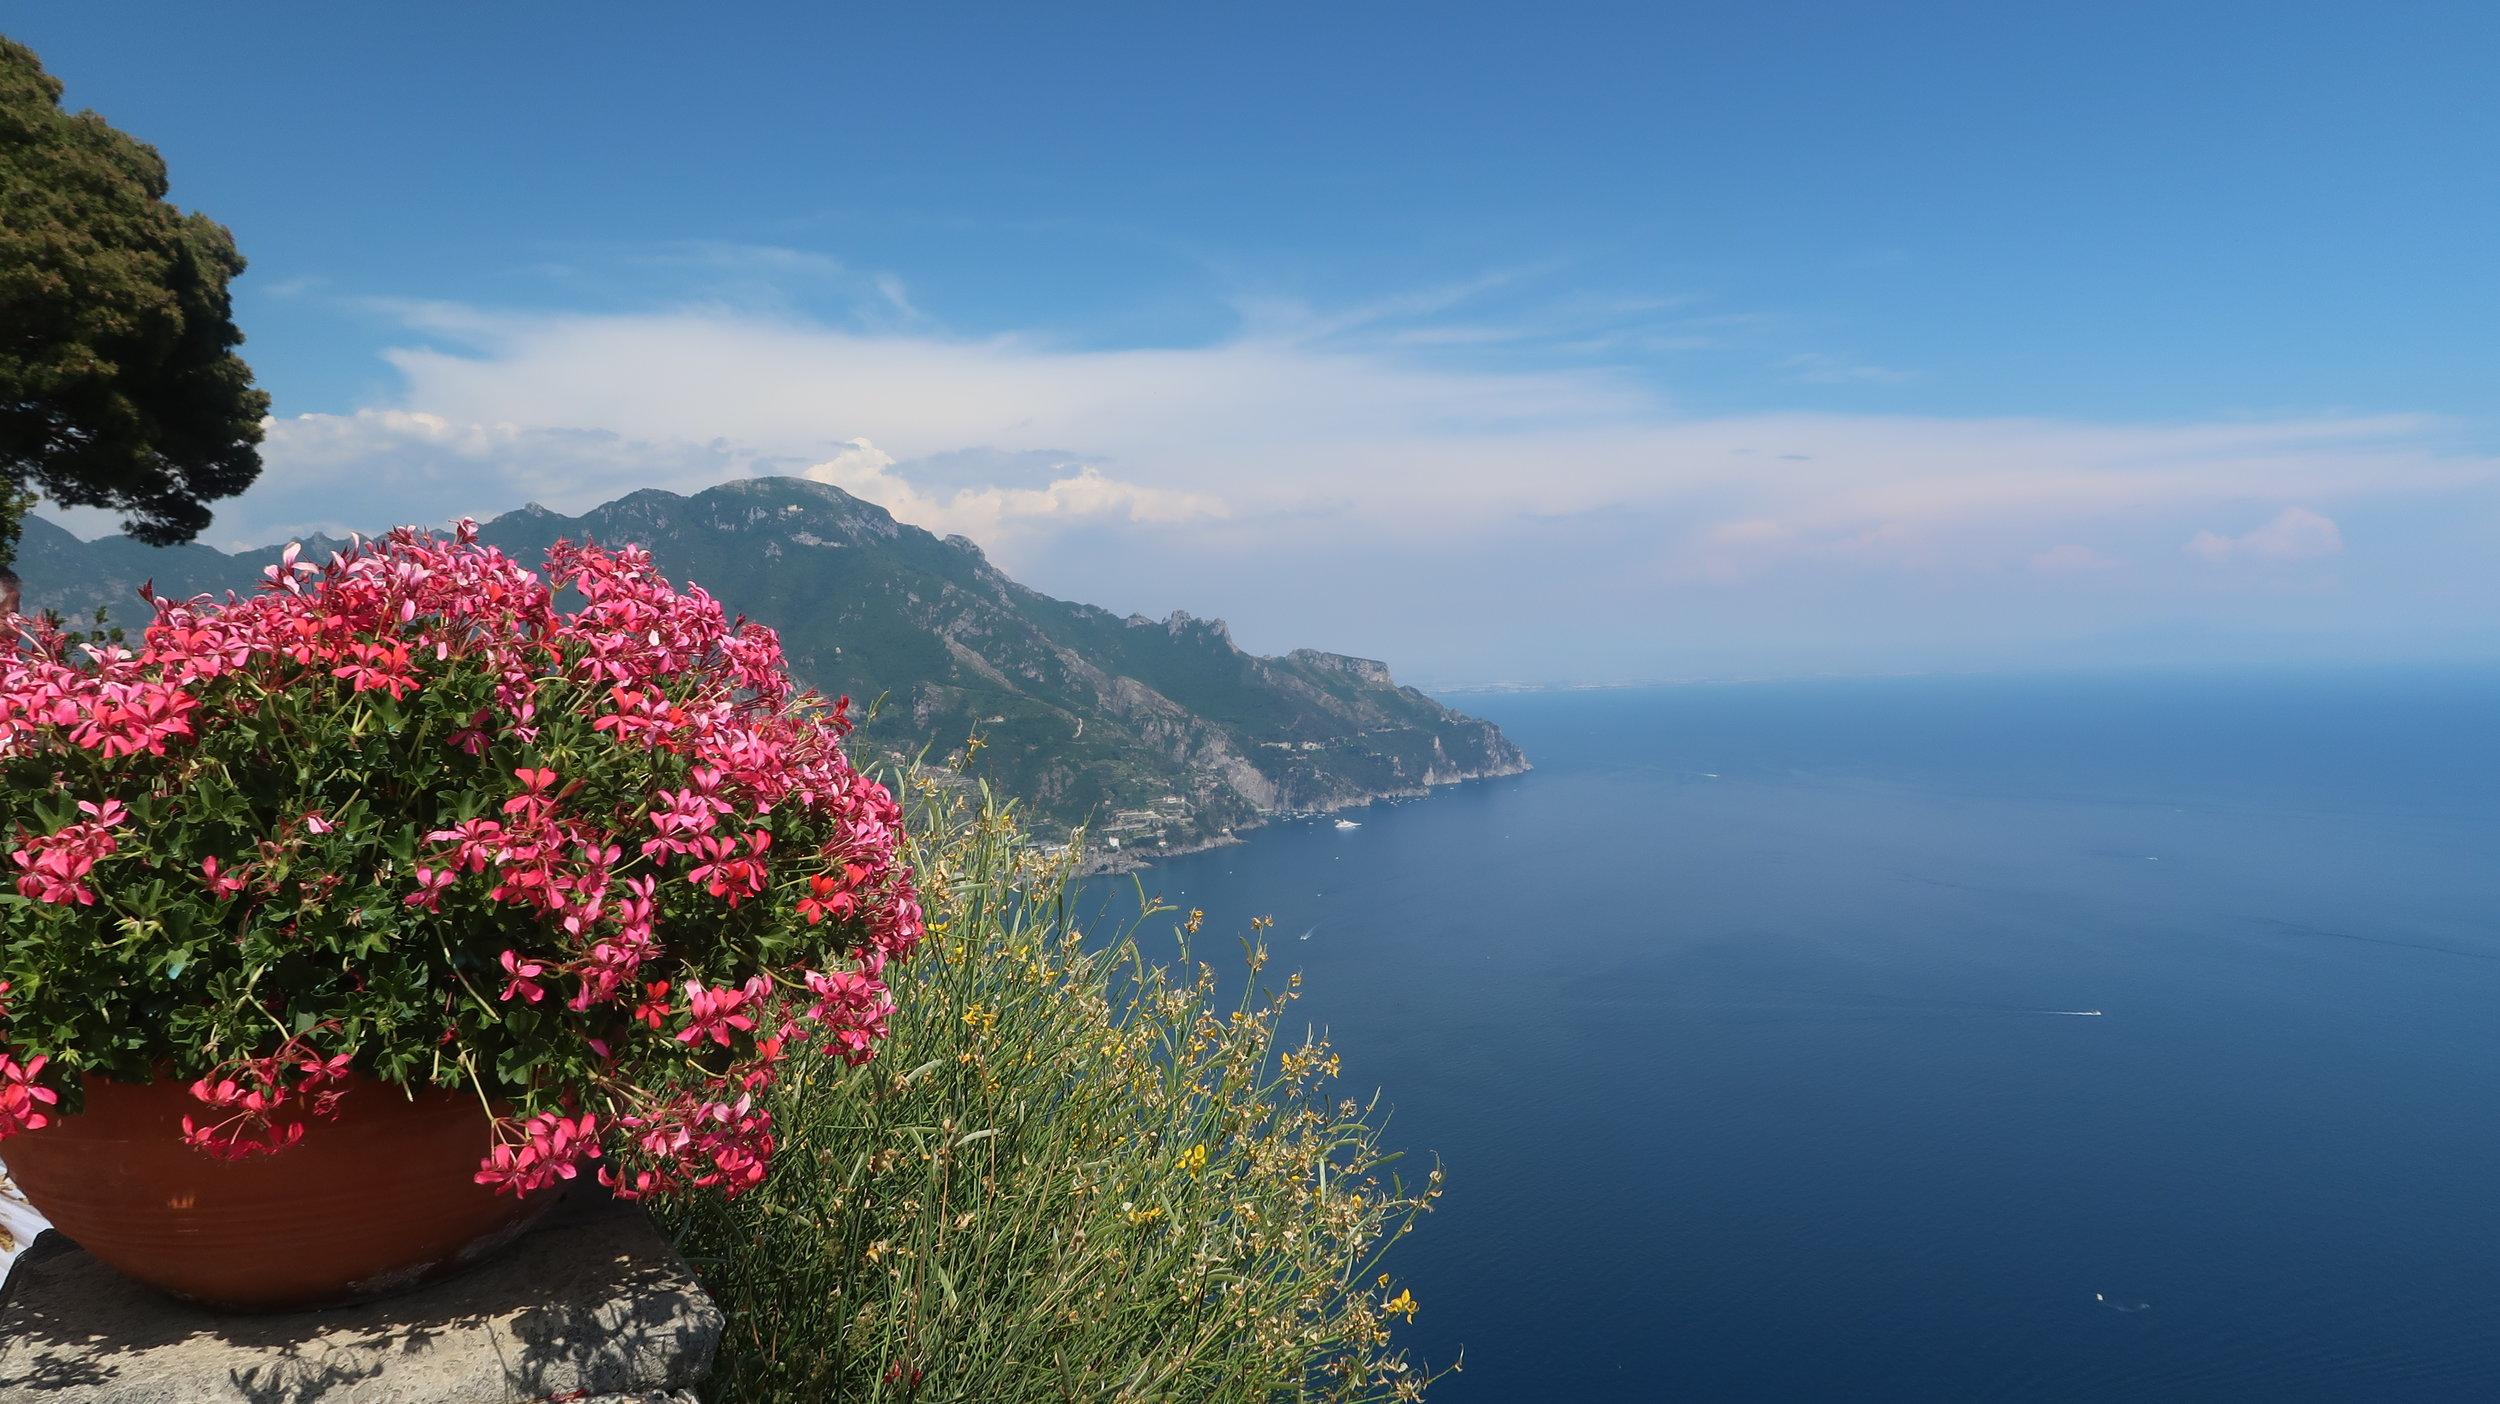 Photo taken from Villa Cimbrone in Ravello (on the Amalfi Coast, Italy).